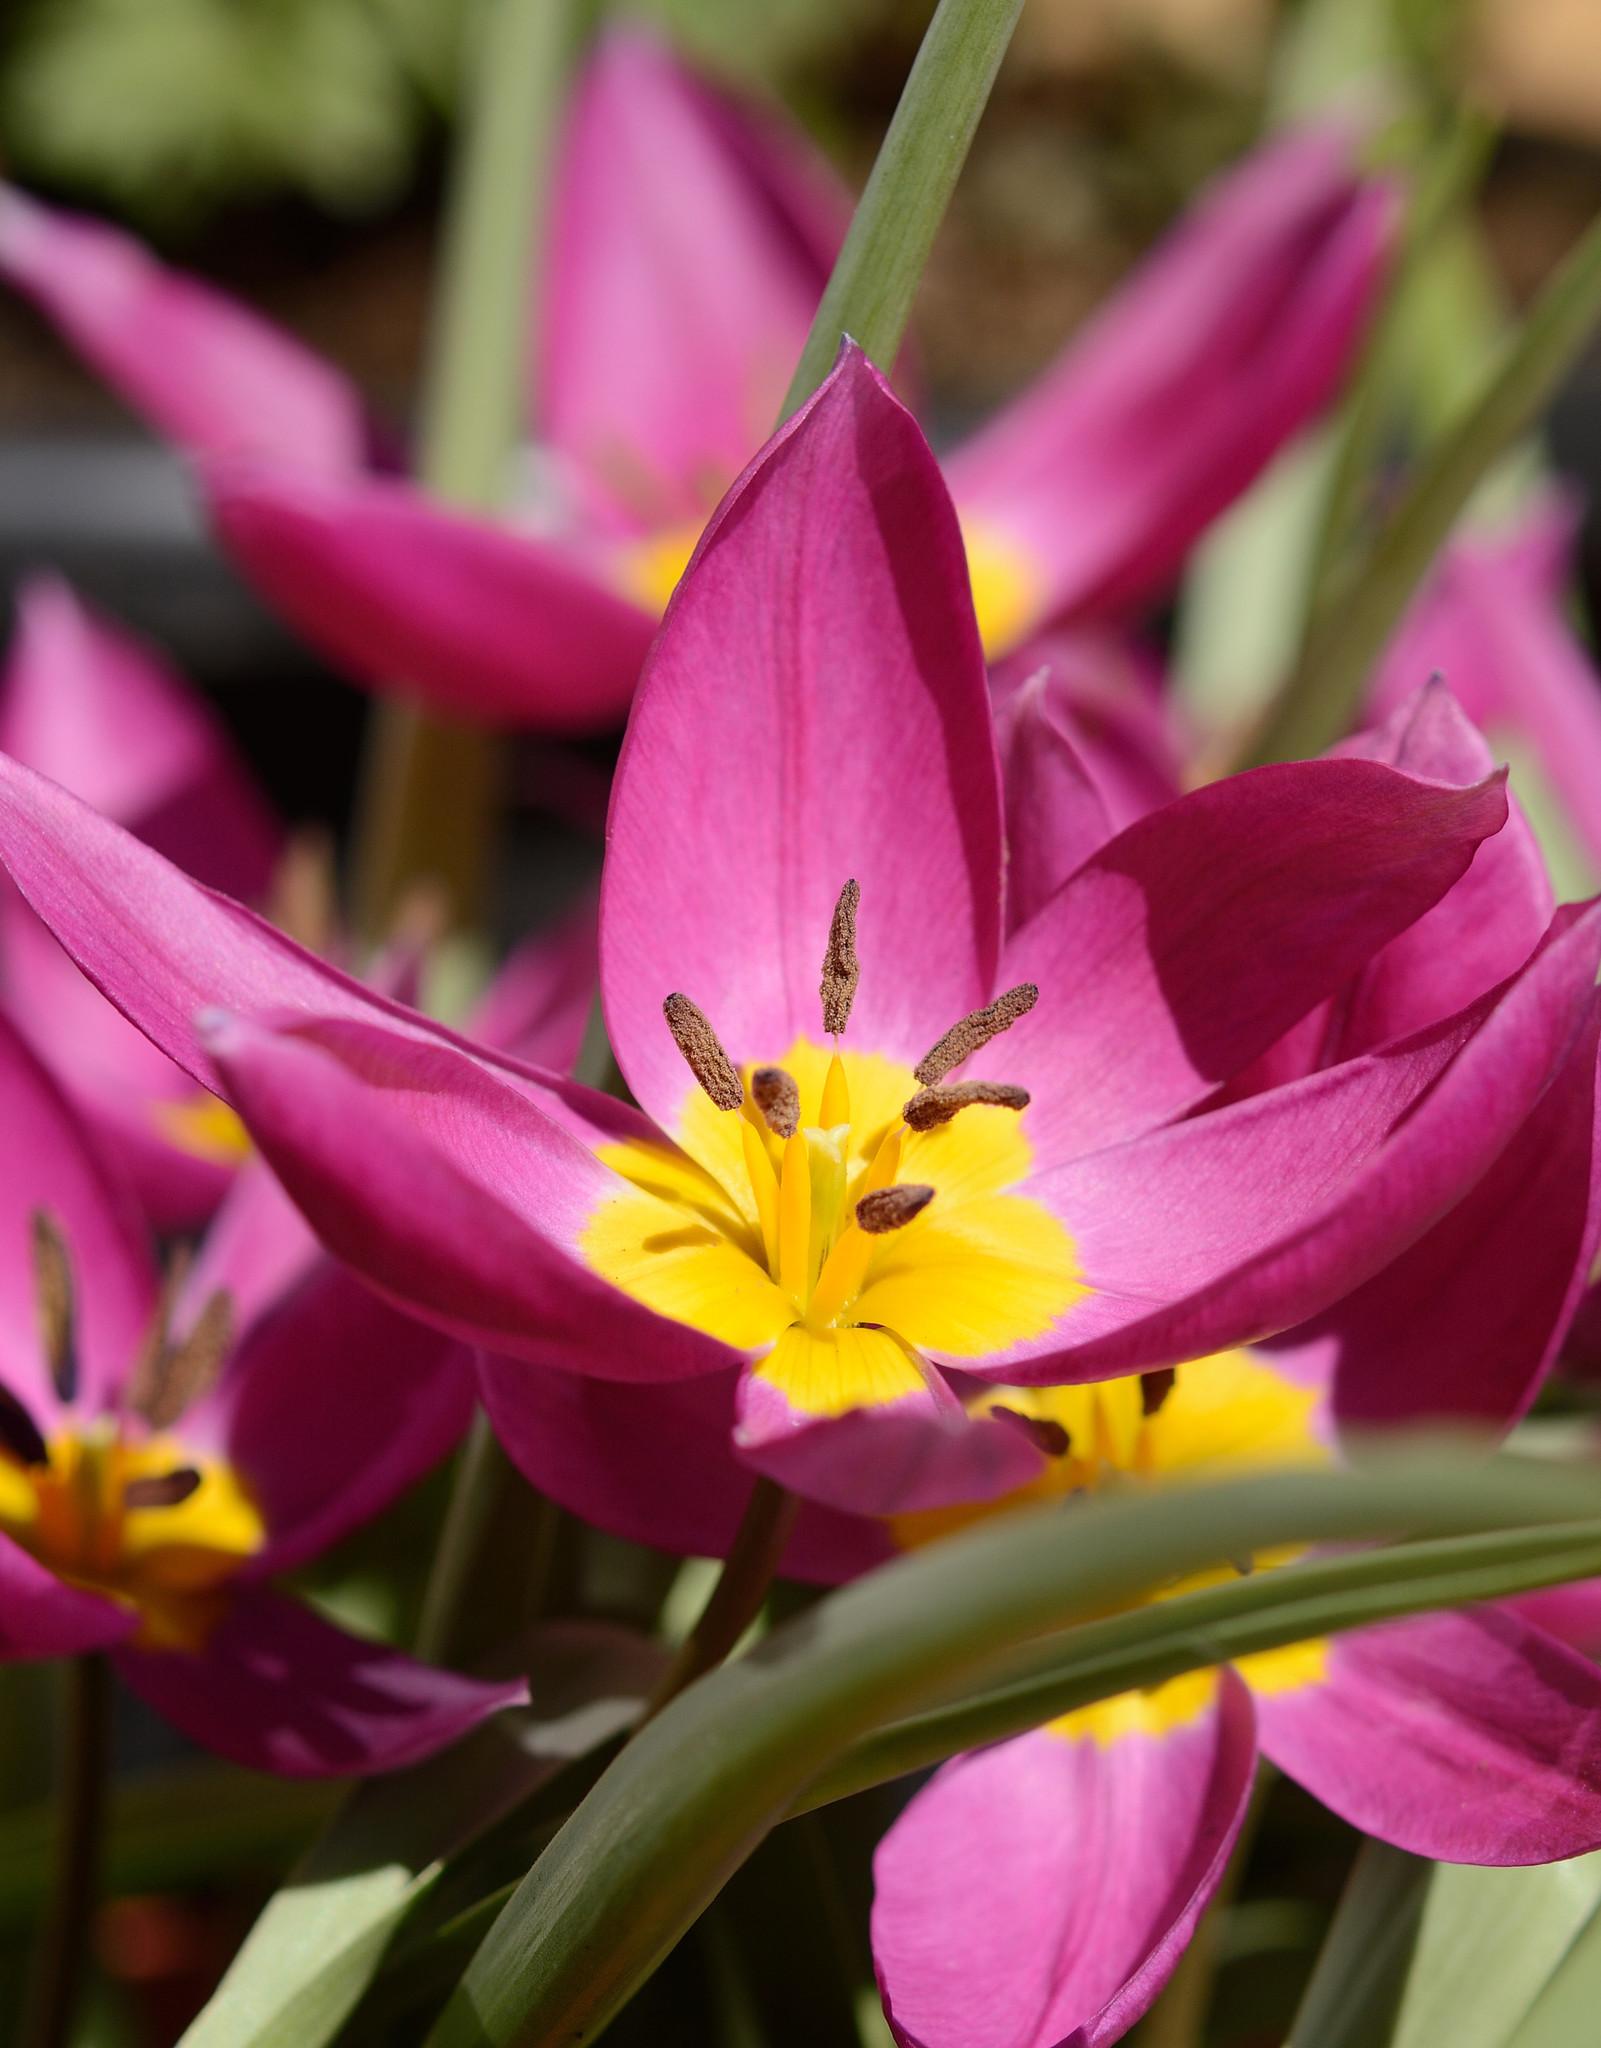 Tulp  Tulipa humilis 'Eastern Star' (Tulp)